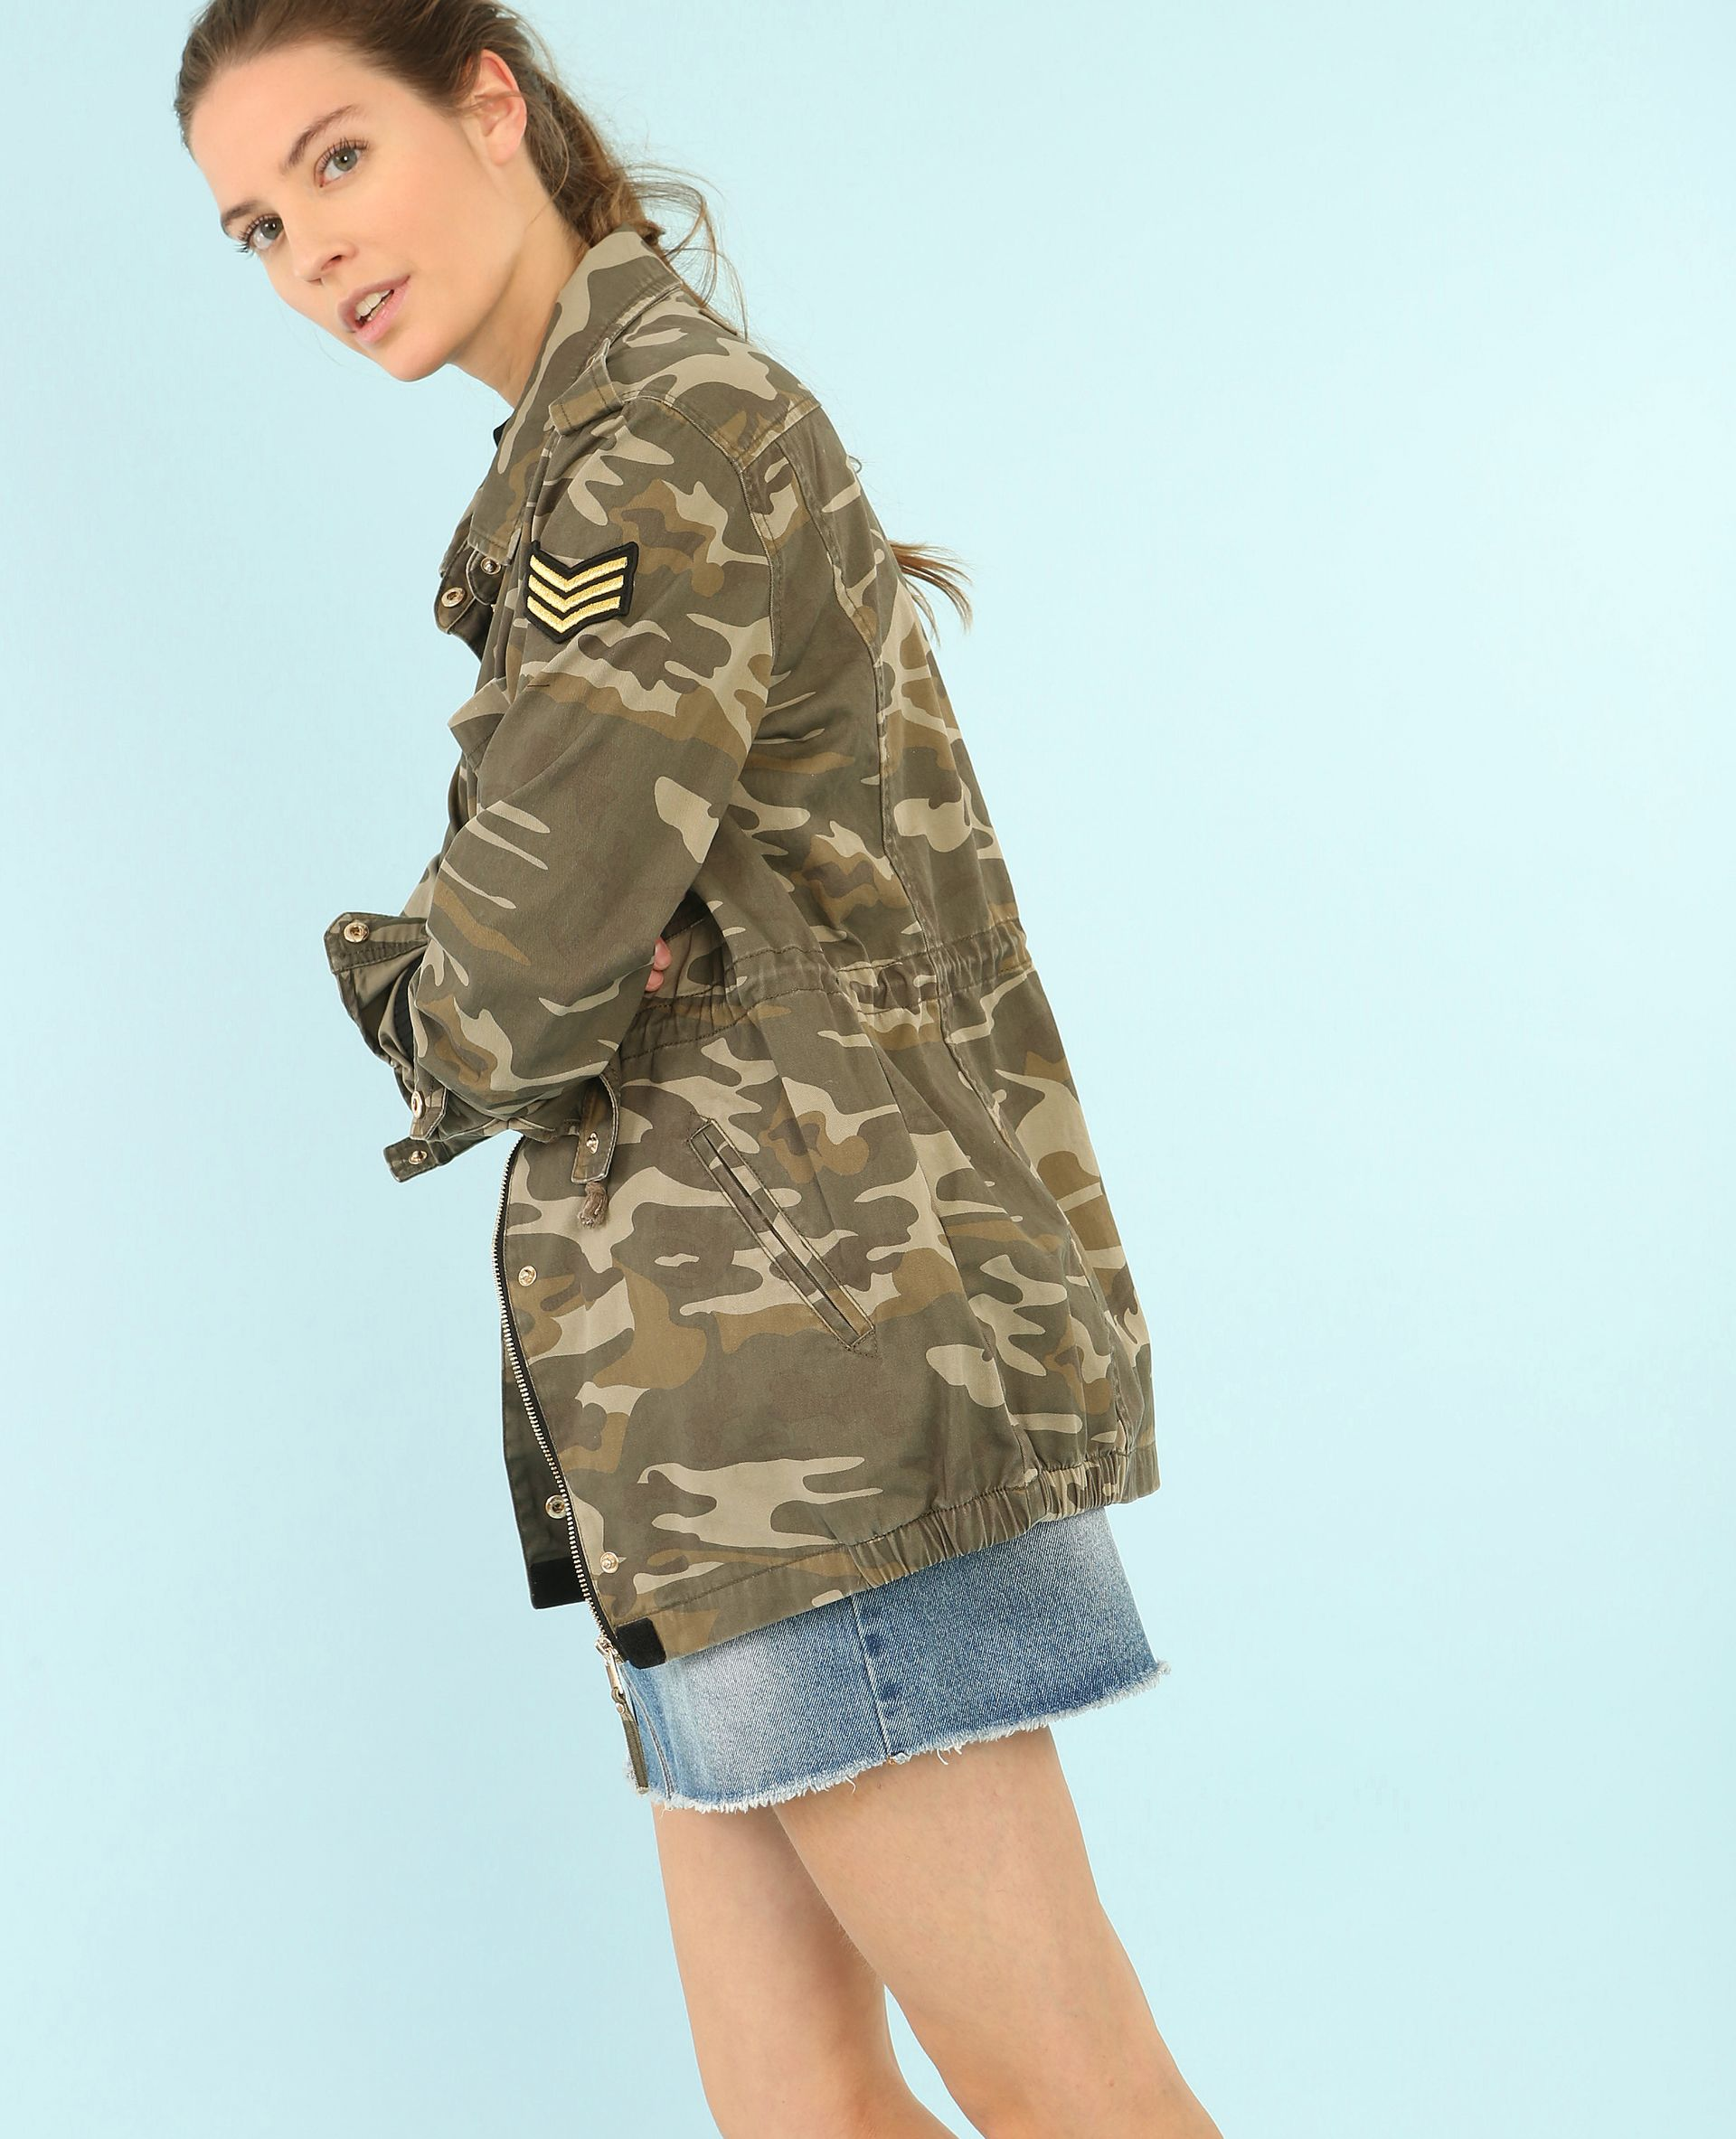 professional sale super cute sneakers for cheap Veste camouflage army - Mode camouflage activé avec la parka ...